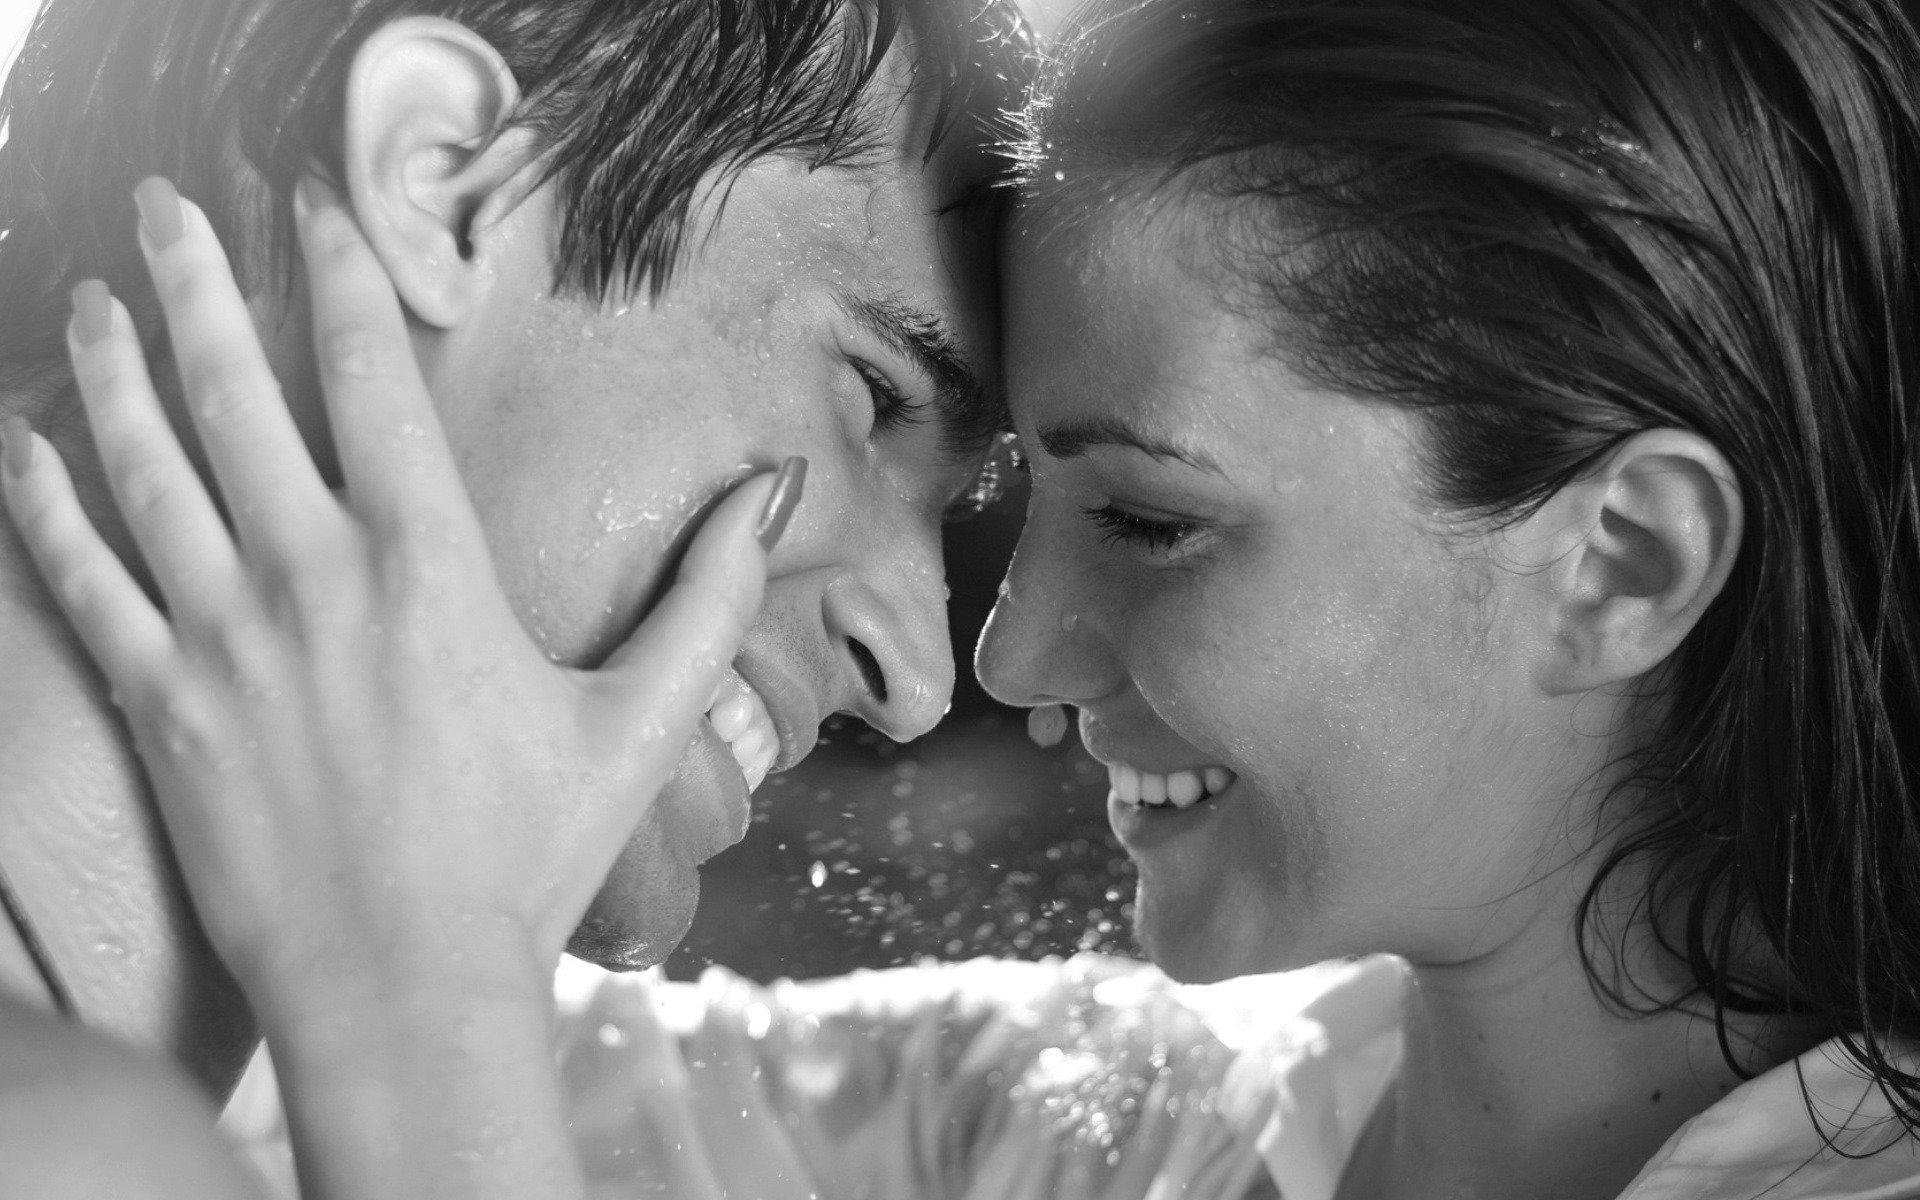 Открытки, картинки для контакта любовь